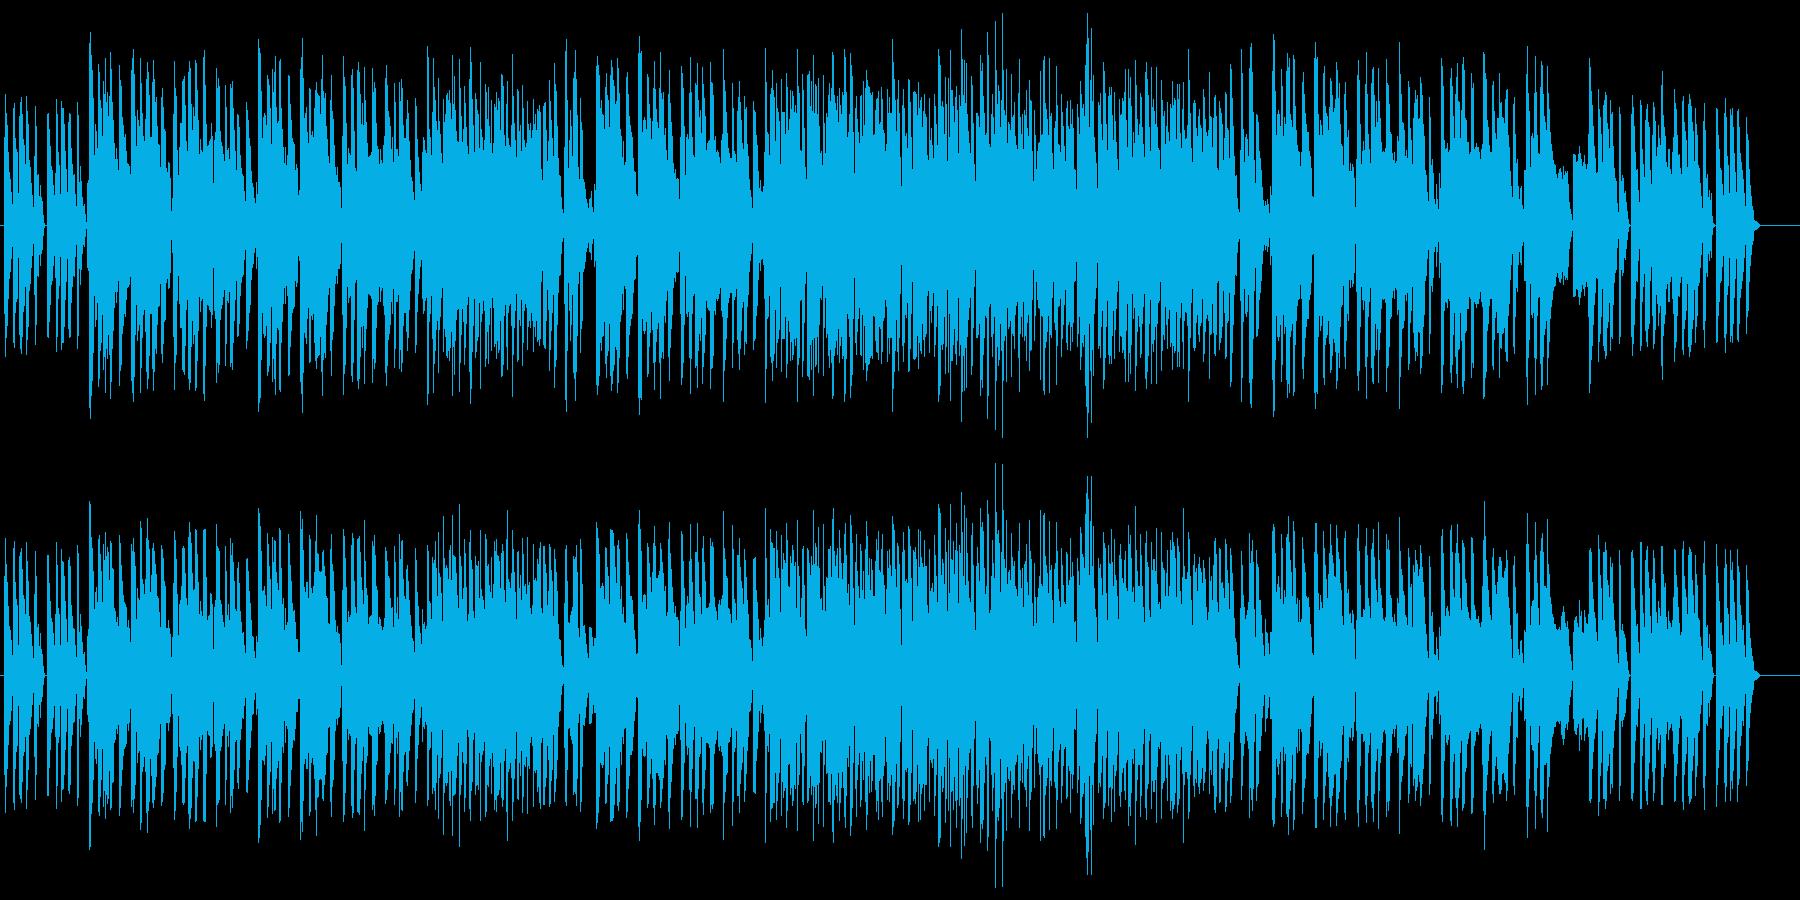 暖かい雰囲気のジャズの再生済みの波形